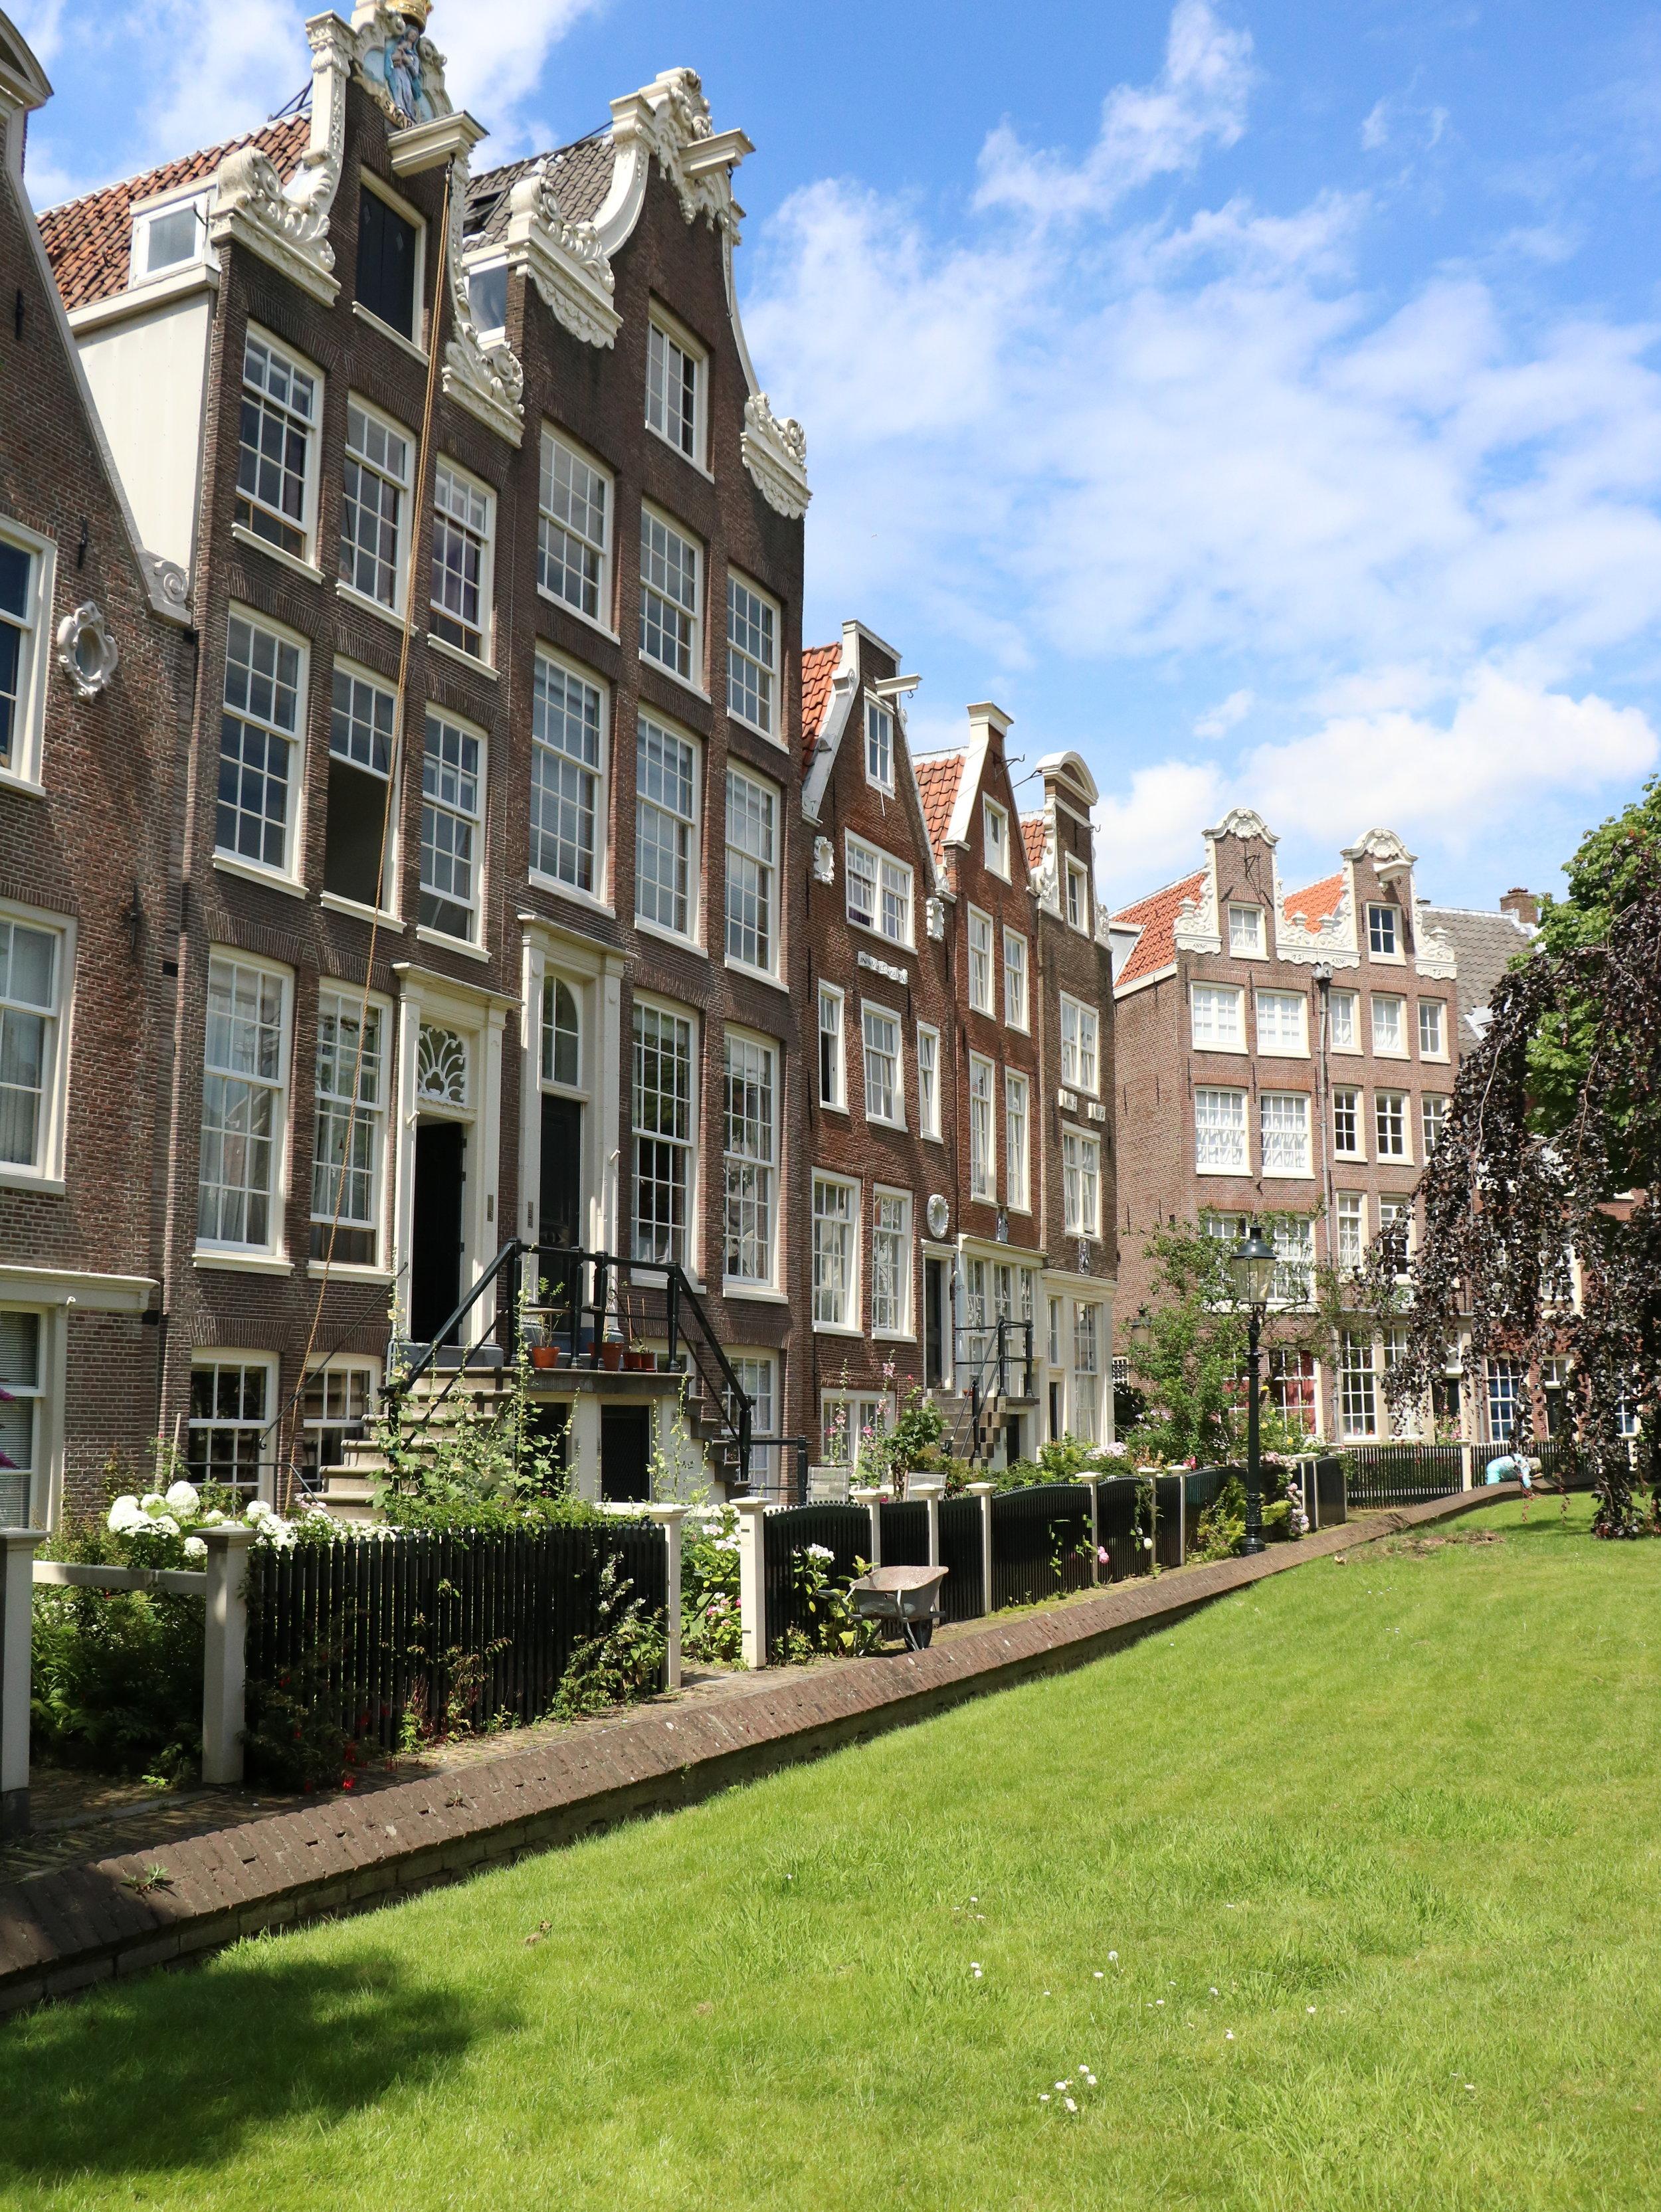 Gardens-amsterdam